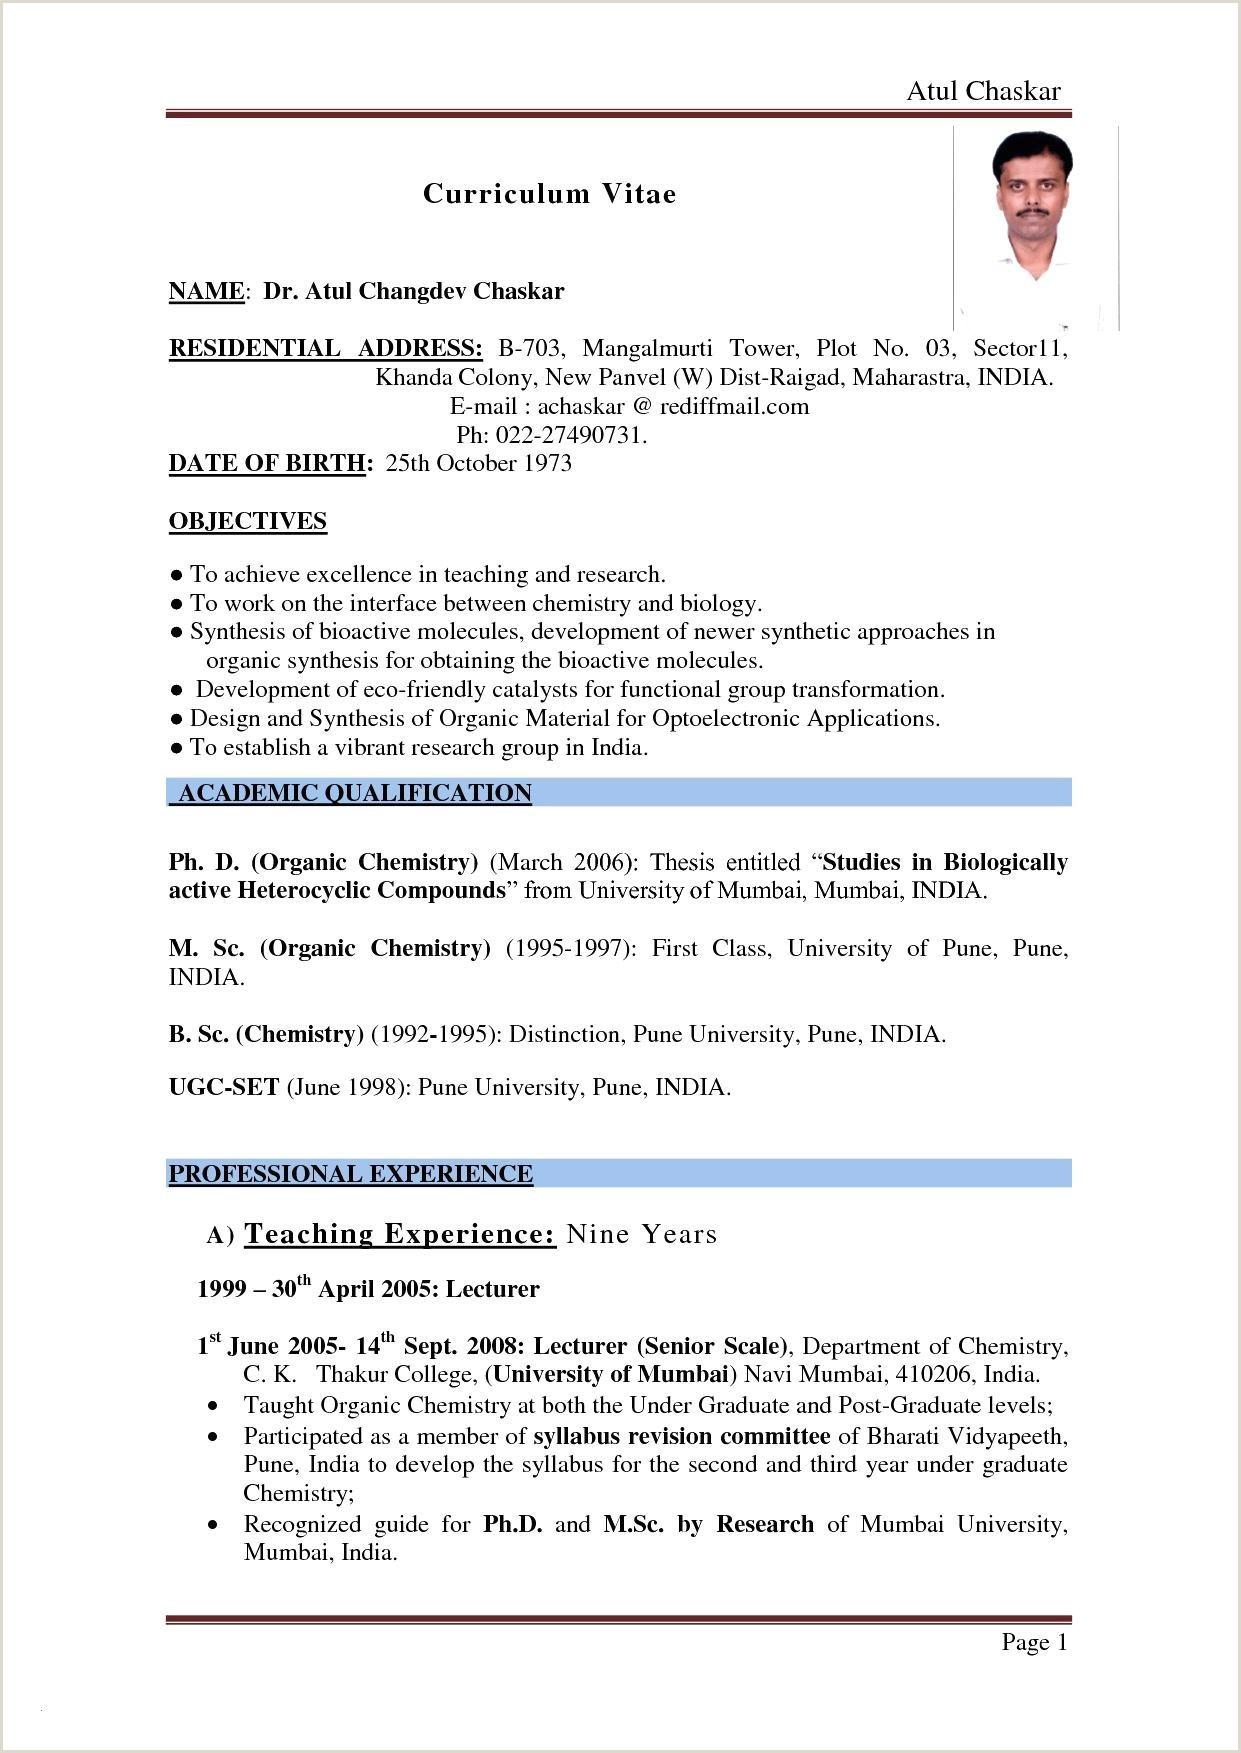 Fresher Resume Format Doc India Resume Template For Fresher Teacher Valid Mba Fresher Resume